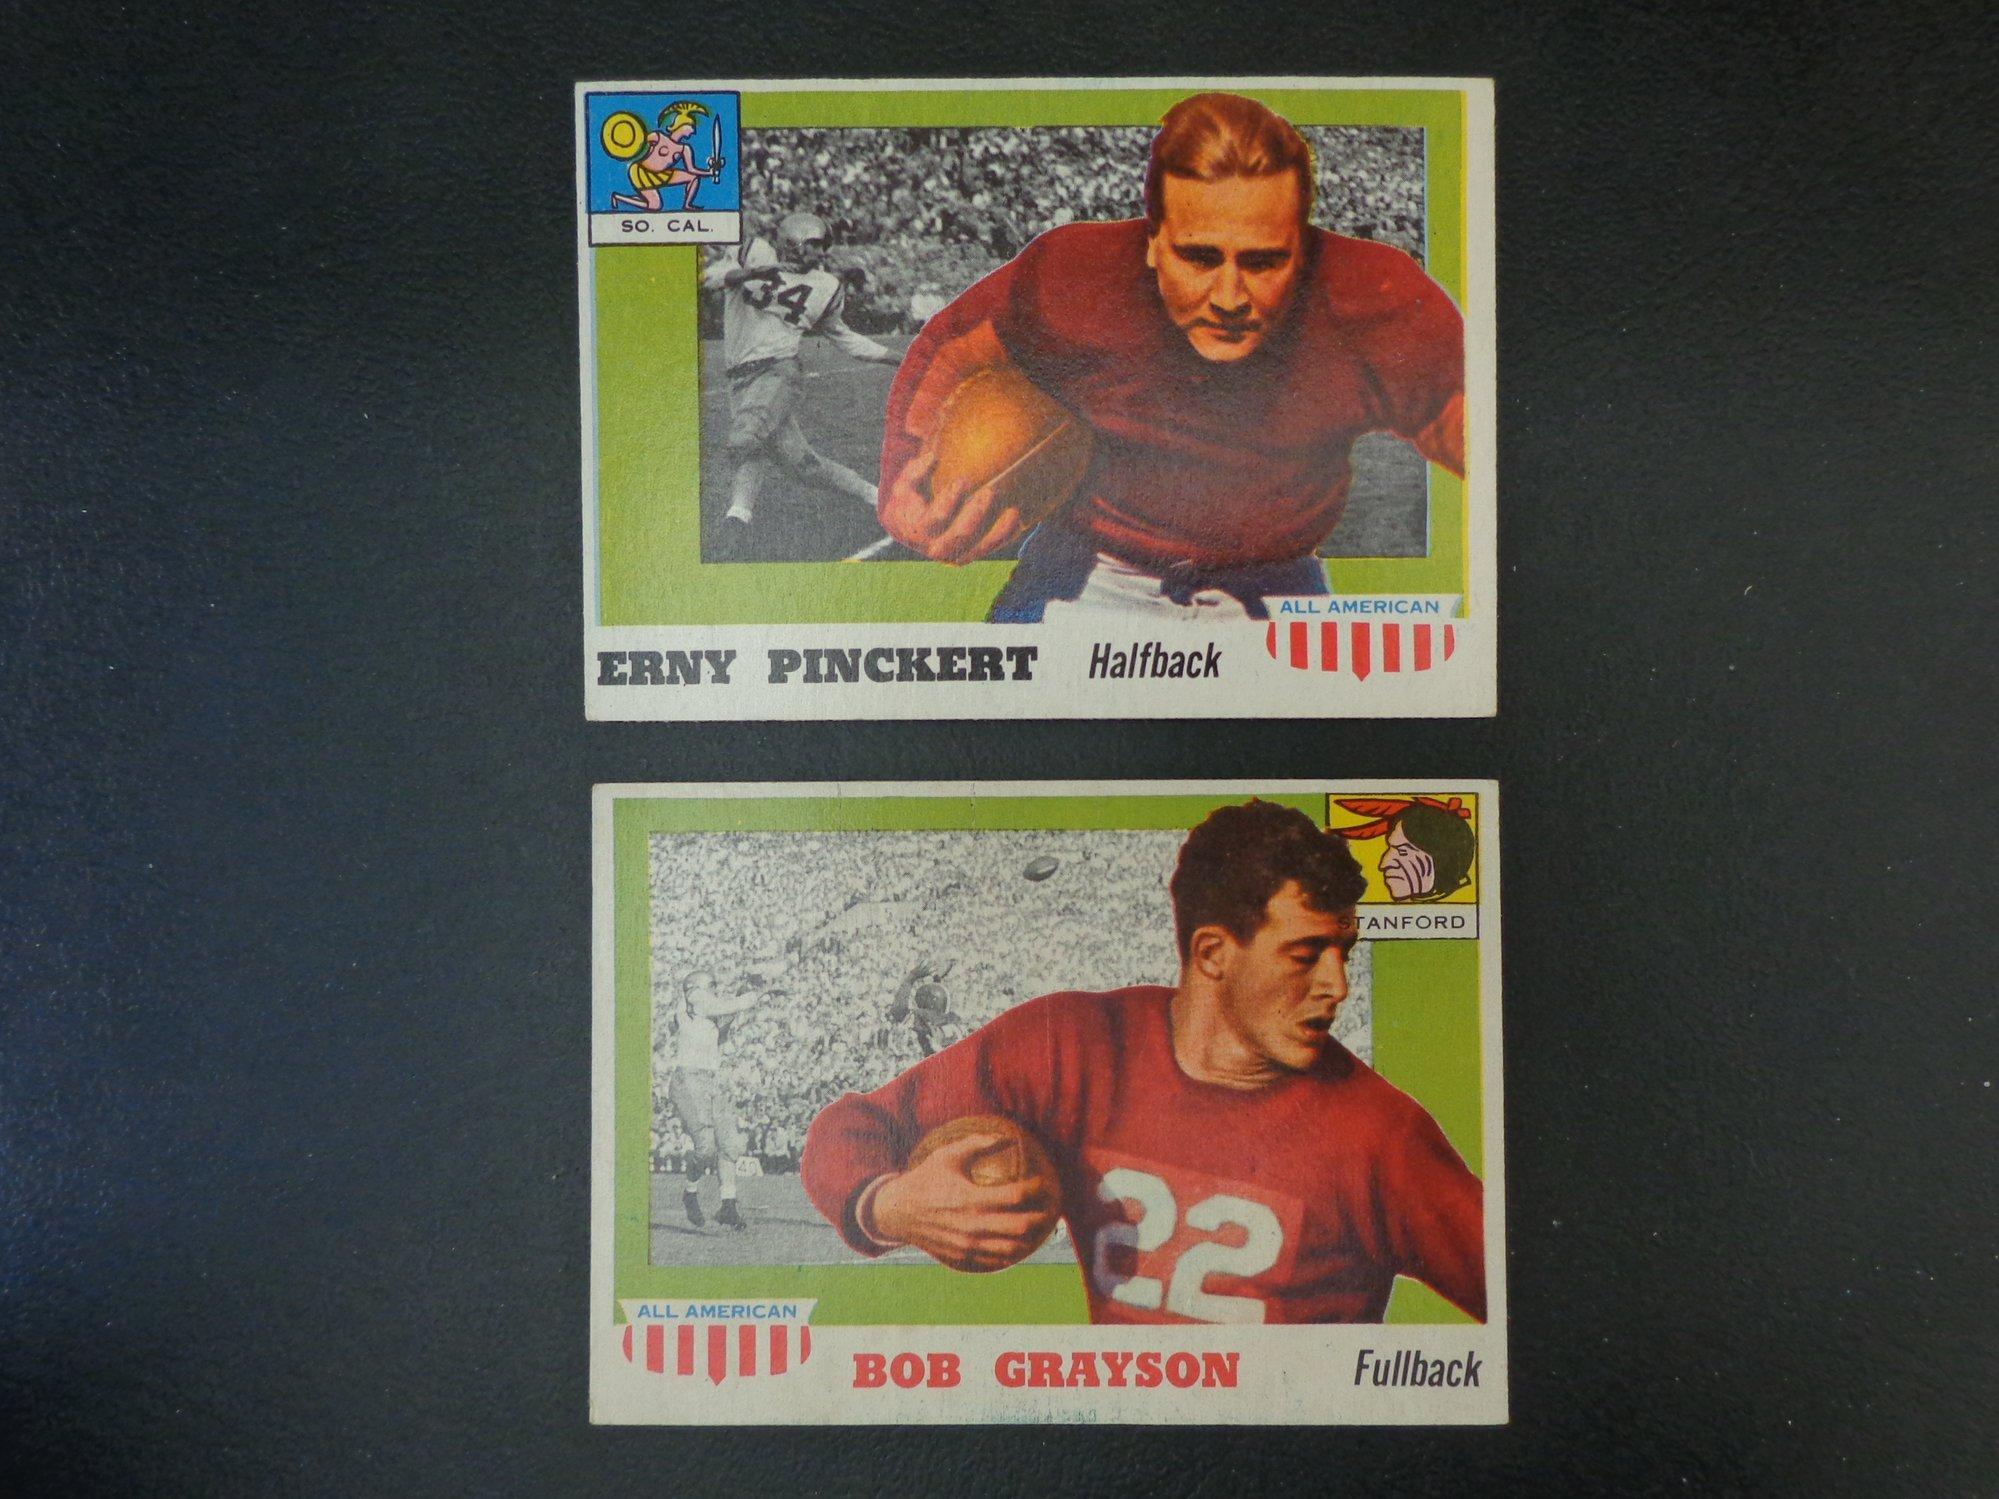 Verzamelkaarten: sport 1955 Topps All American 22 Brick Muller California Golden Bears RC Football Card